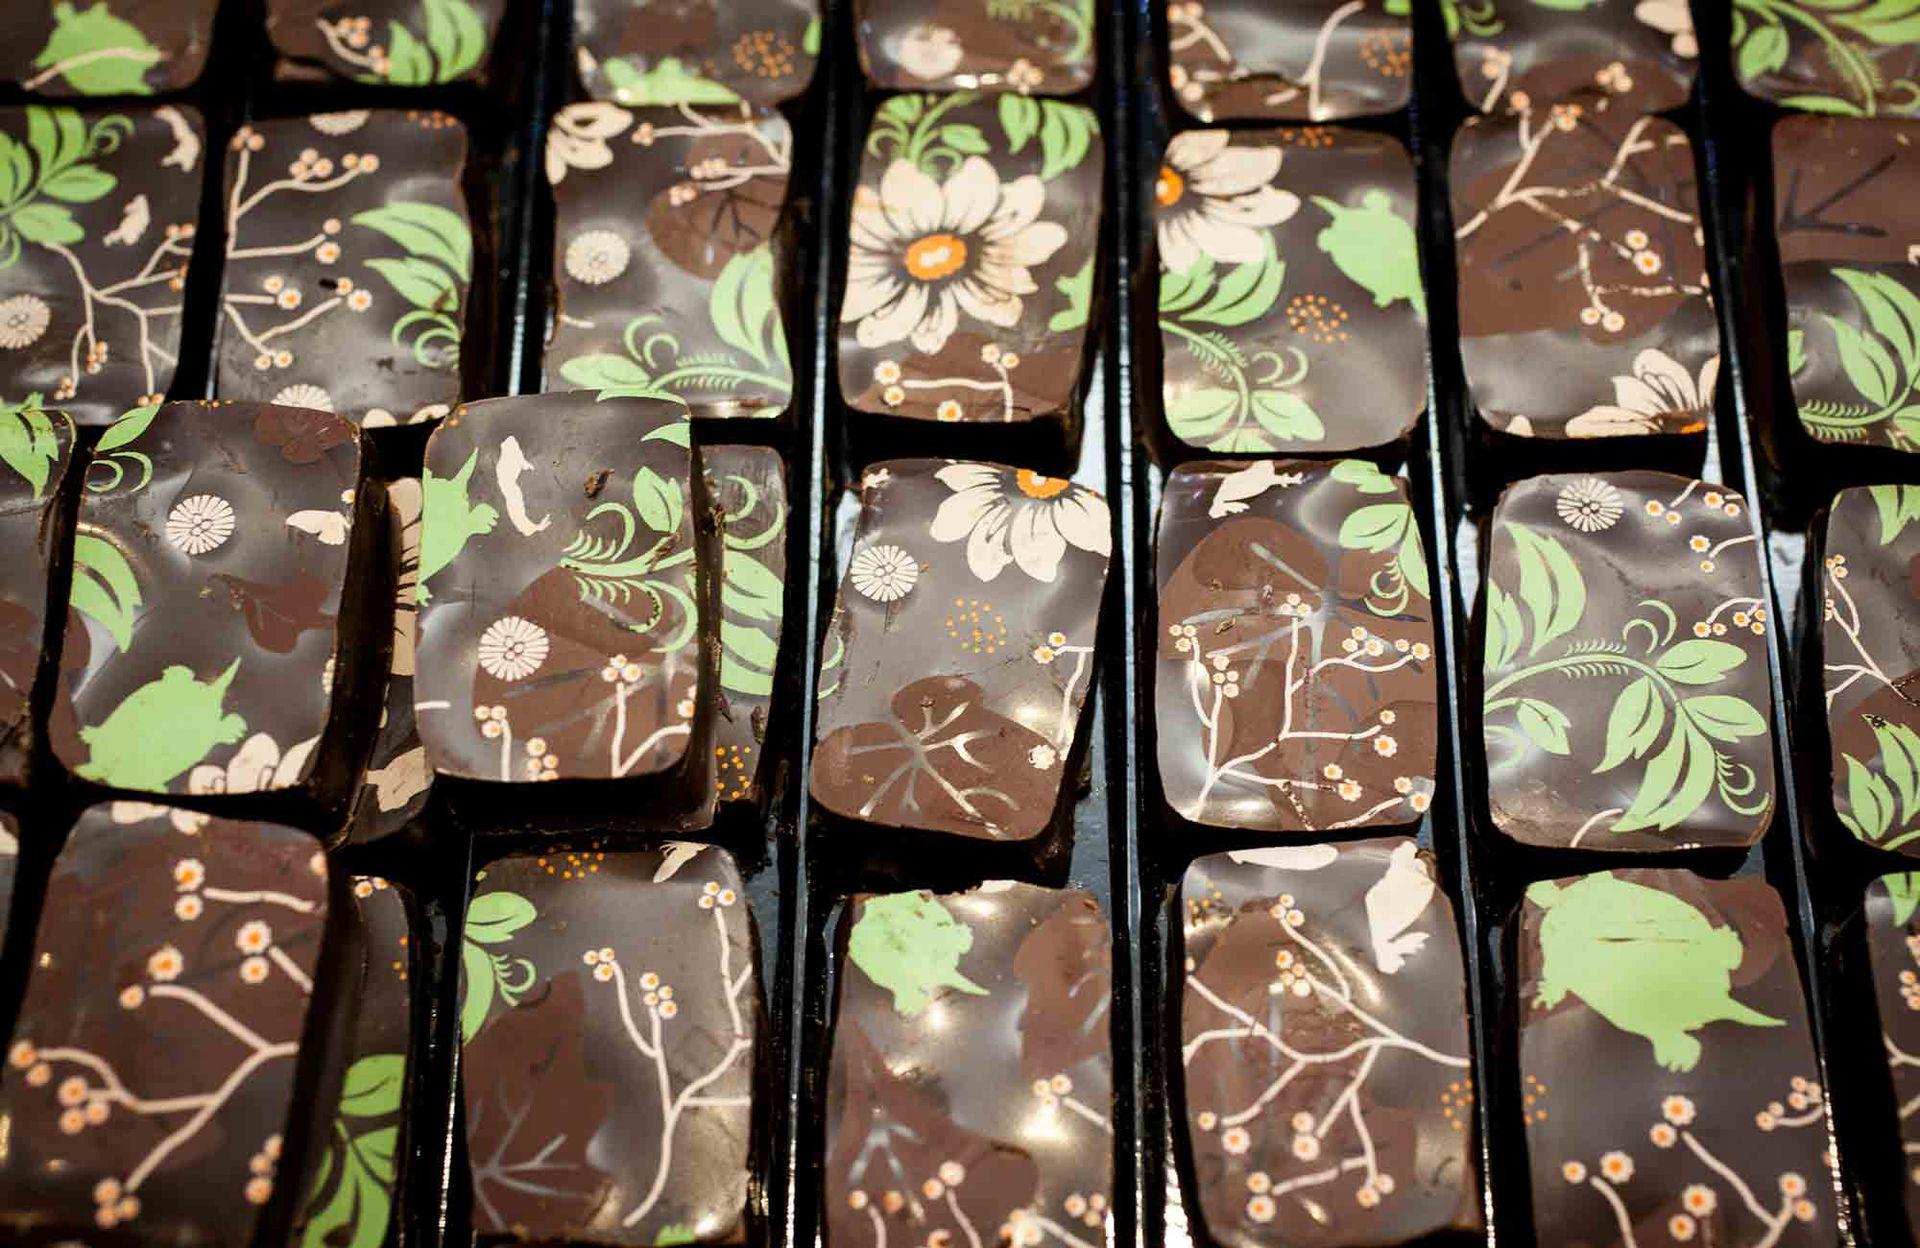 Los delicados chocolates de la tienda de Frères Lauzéa.